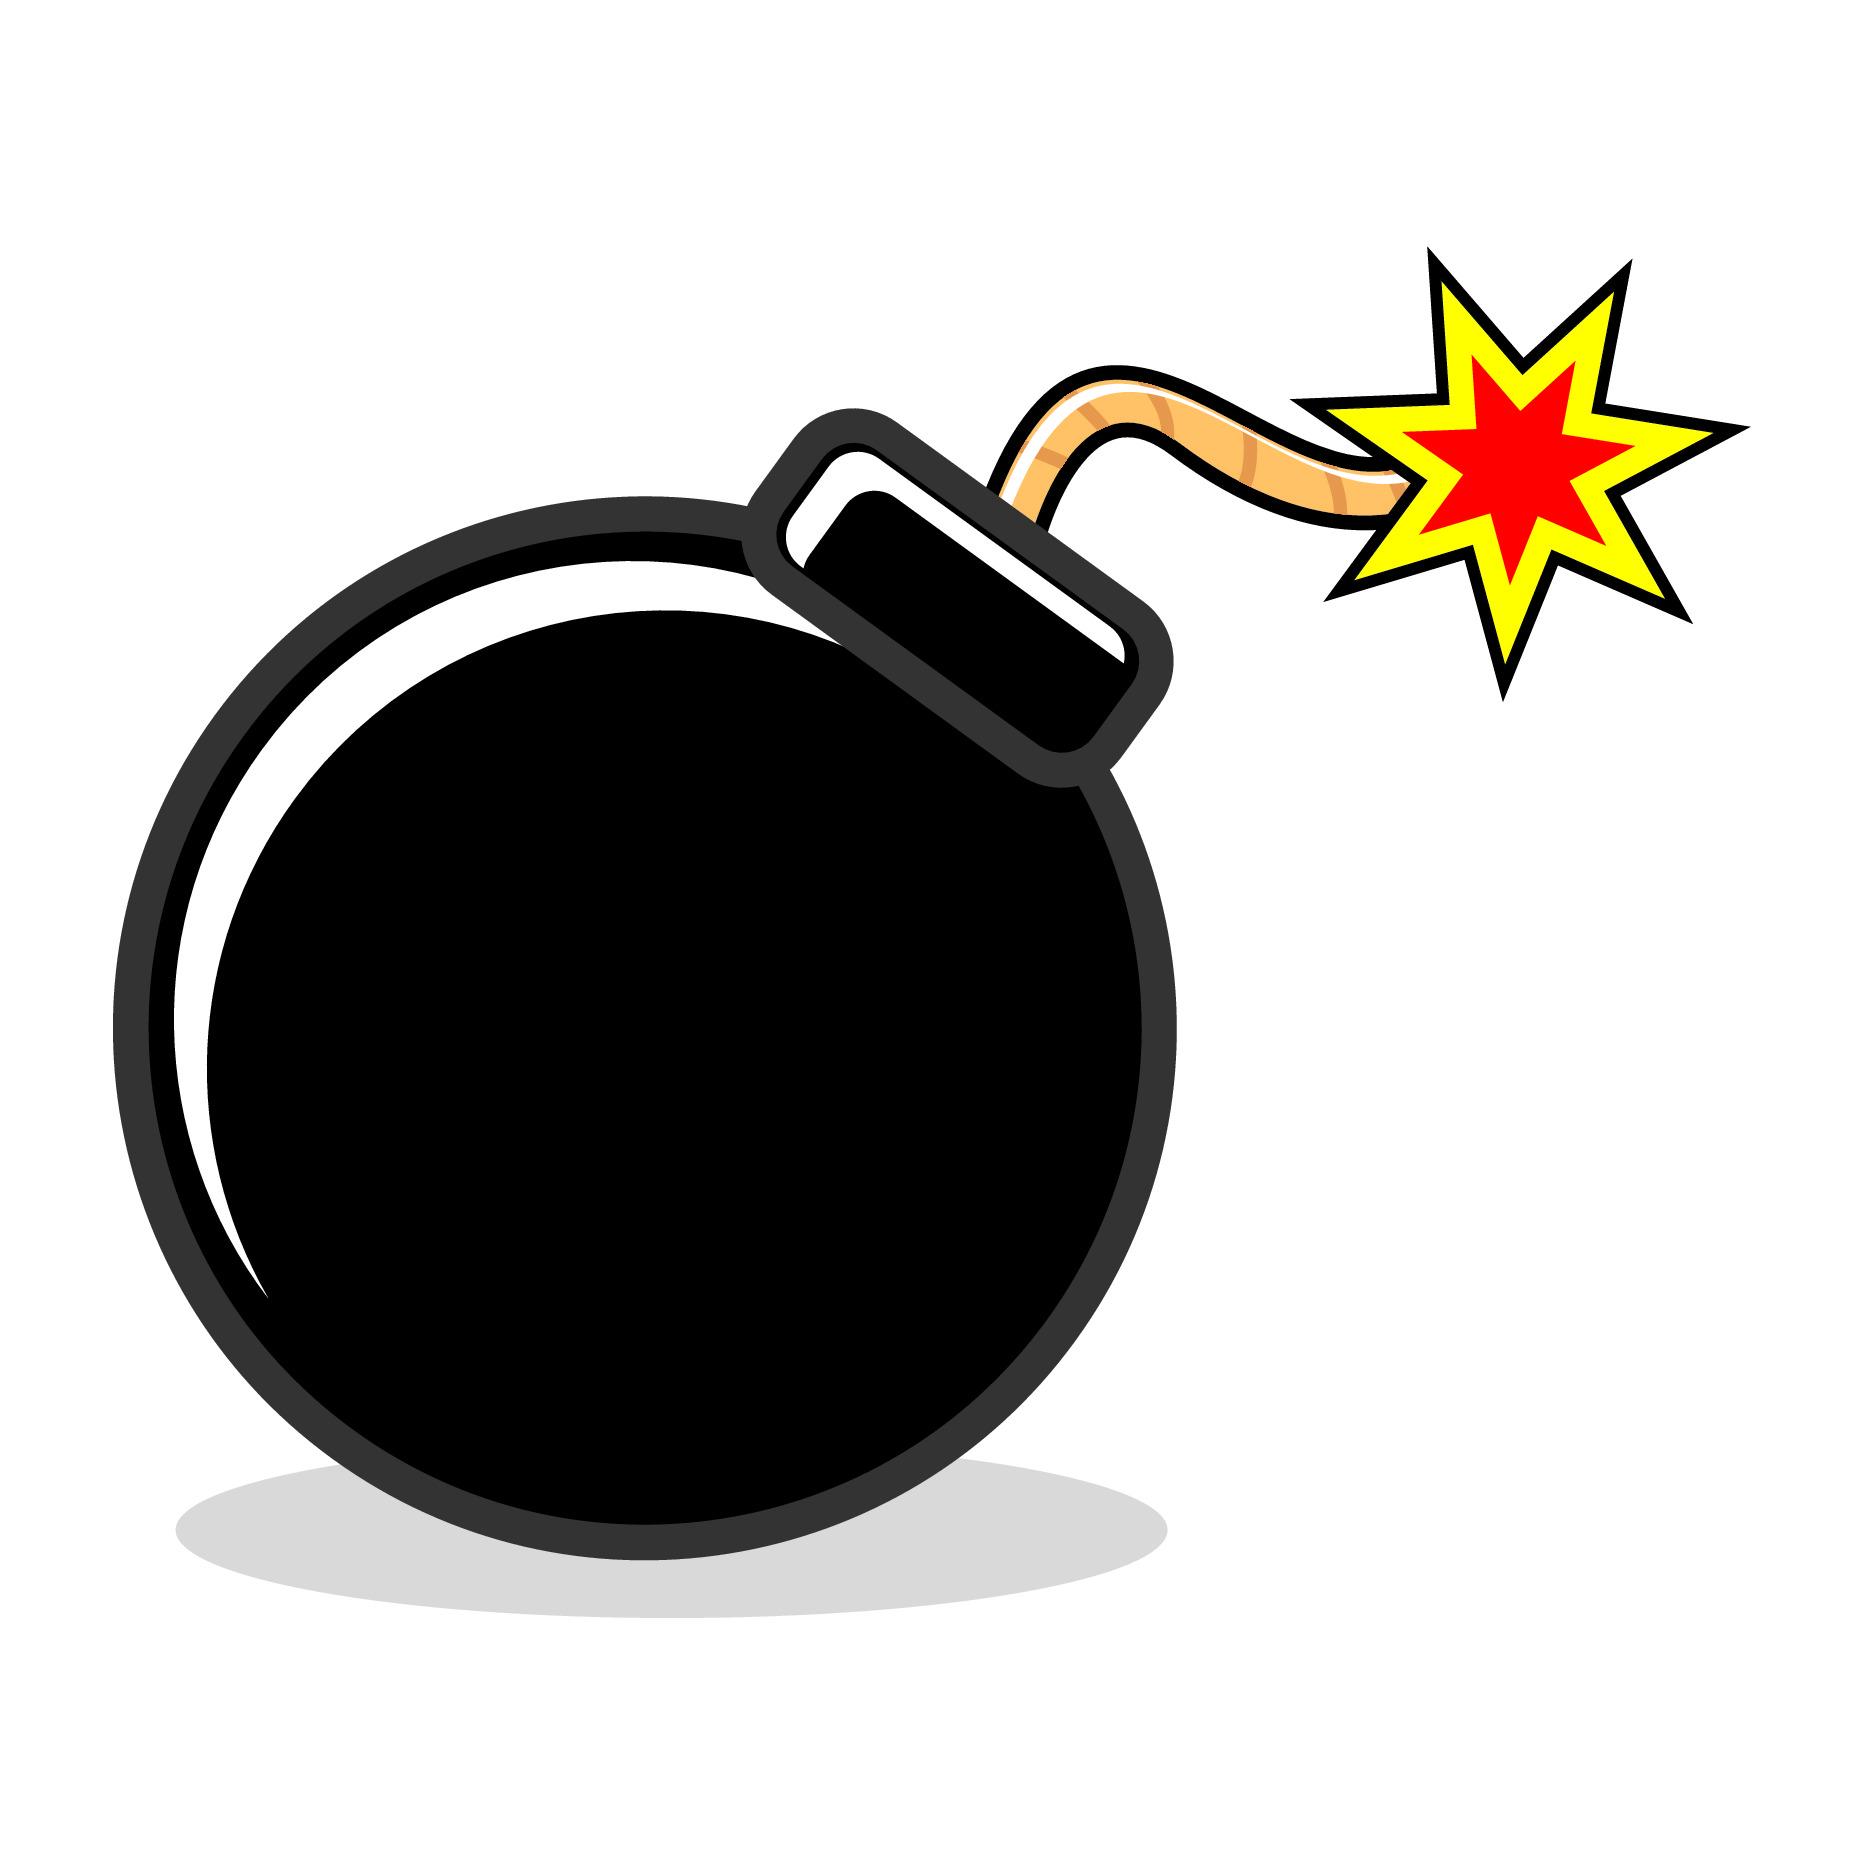 Bomb Clipart #171